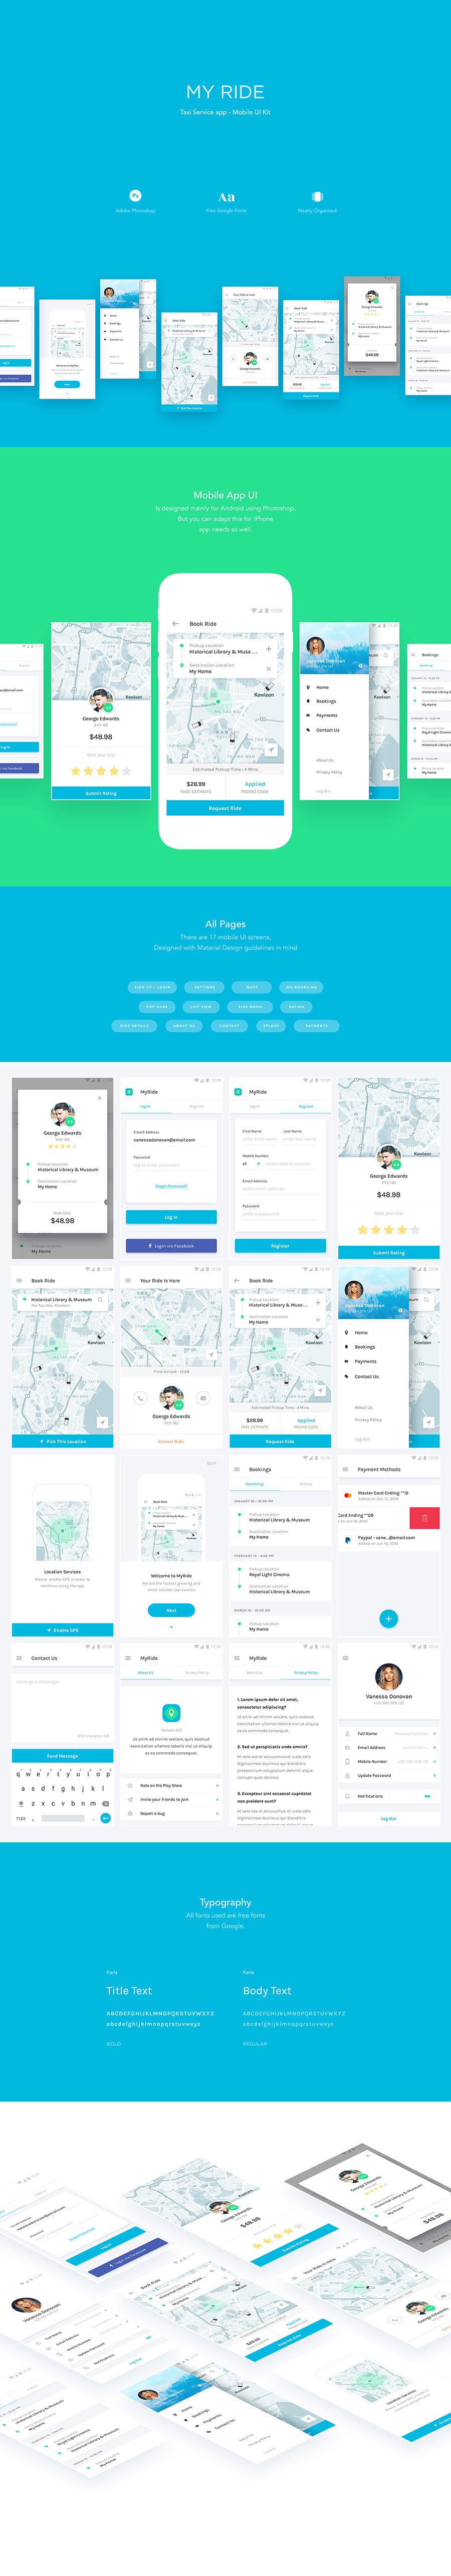 共享租车类APP UI KITS下载[PSD,for Android]